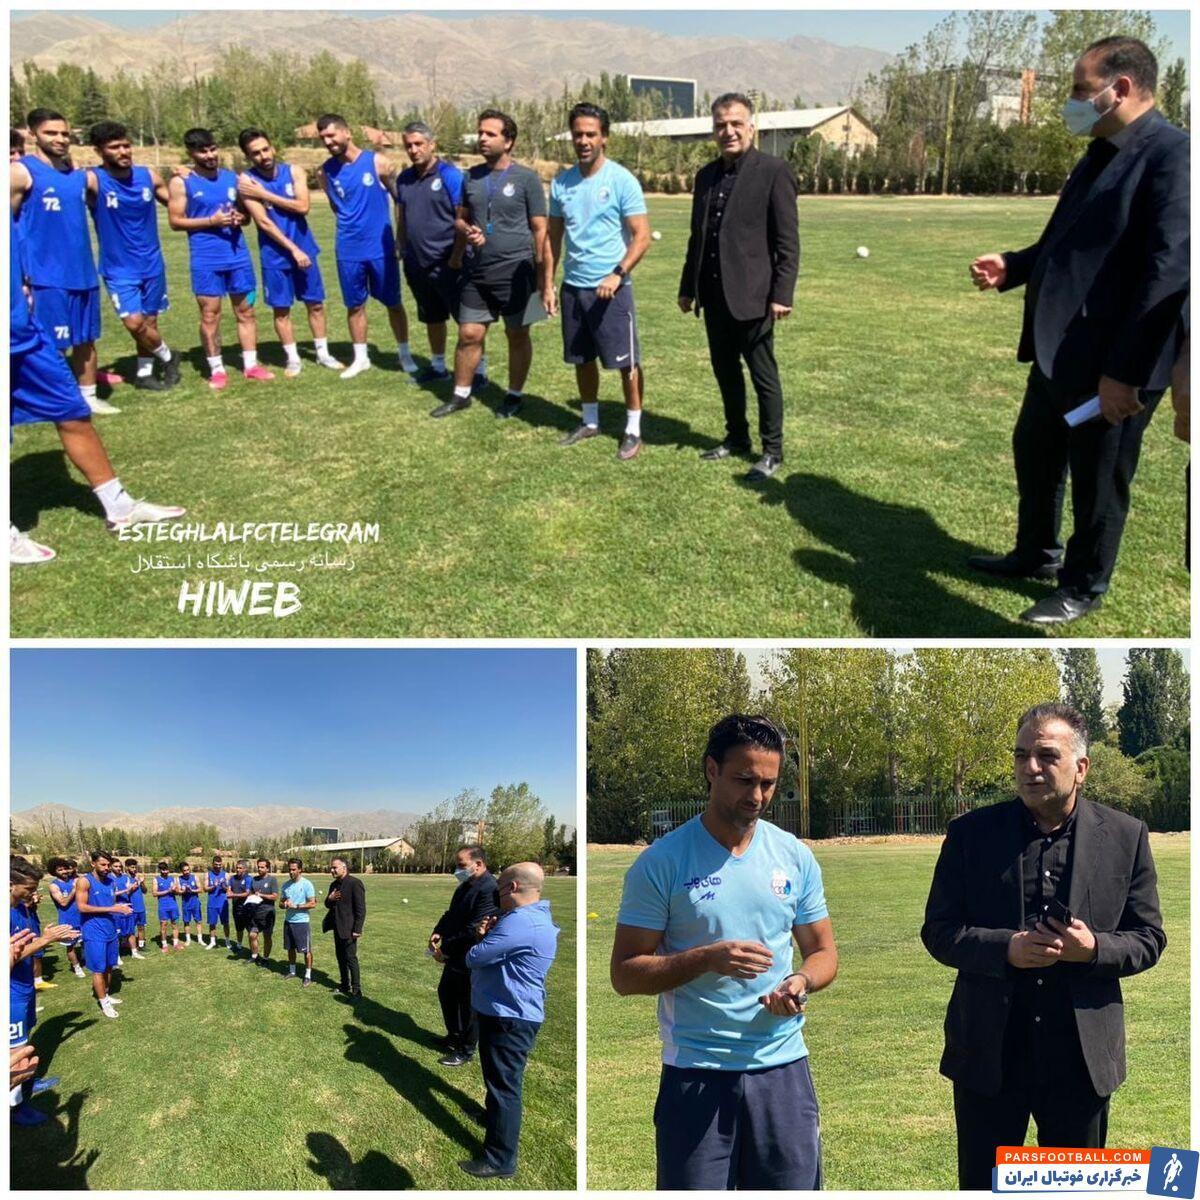 تمرین صبح امروز آبی پوشان درحالی برگزار شد که پیش از شروع تمرین، ابتدا بیژن طاهری به عنوان سرپرست جدید استقلال به بازیکنان معرفی شد